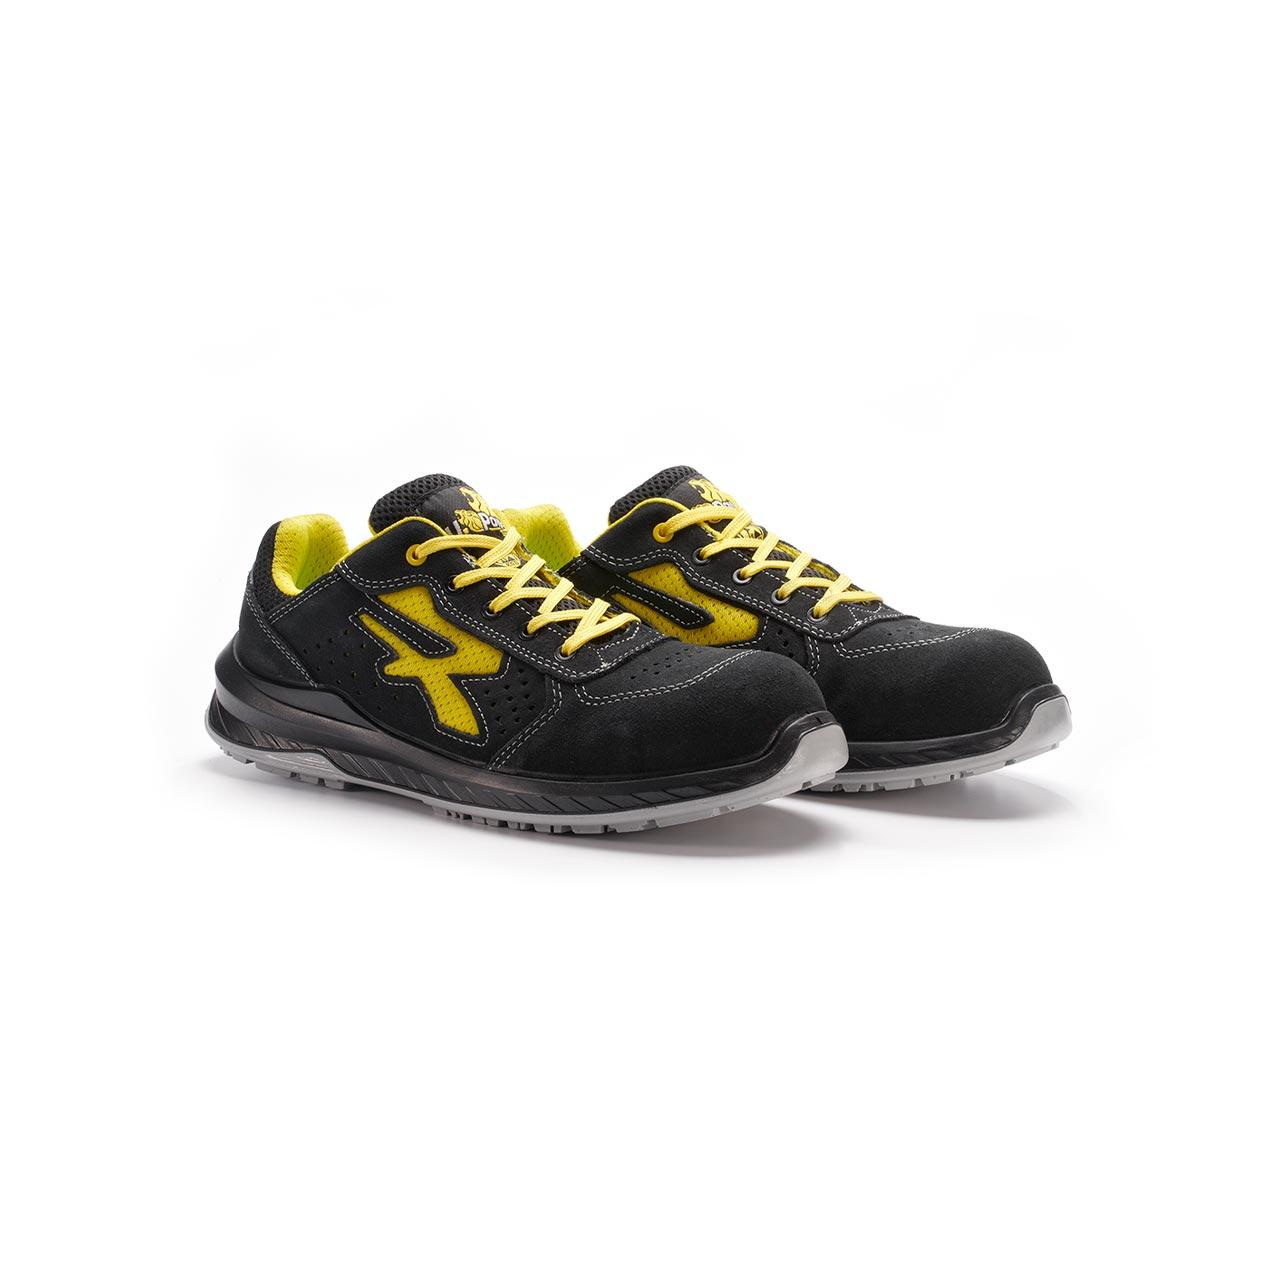 paio di scarpe antinfortunistiche upower modello vortix linea redindustry vista prospettica